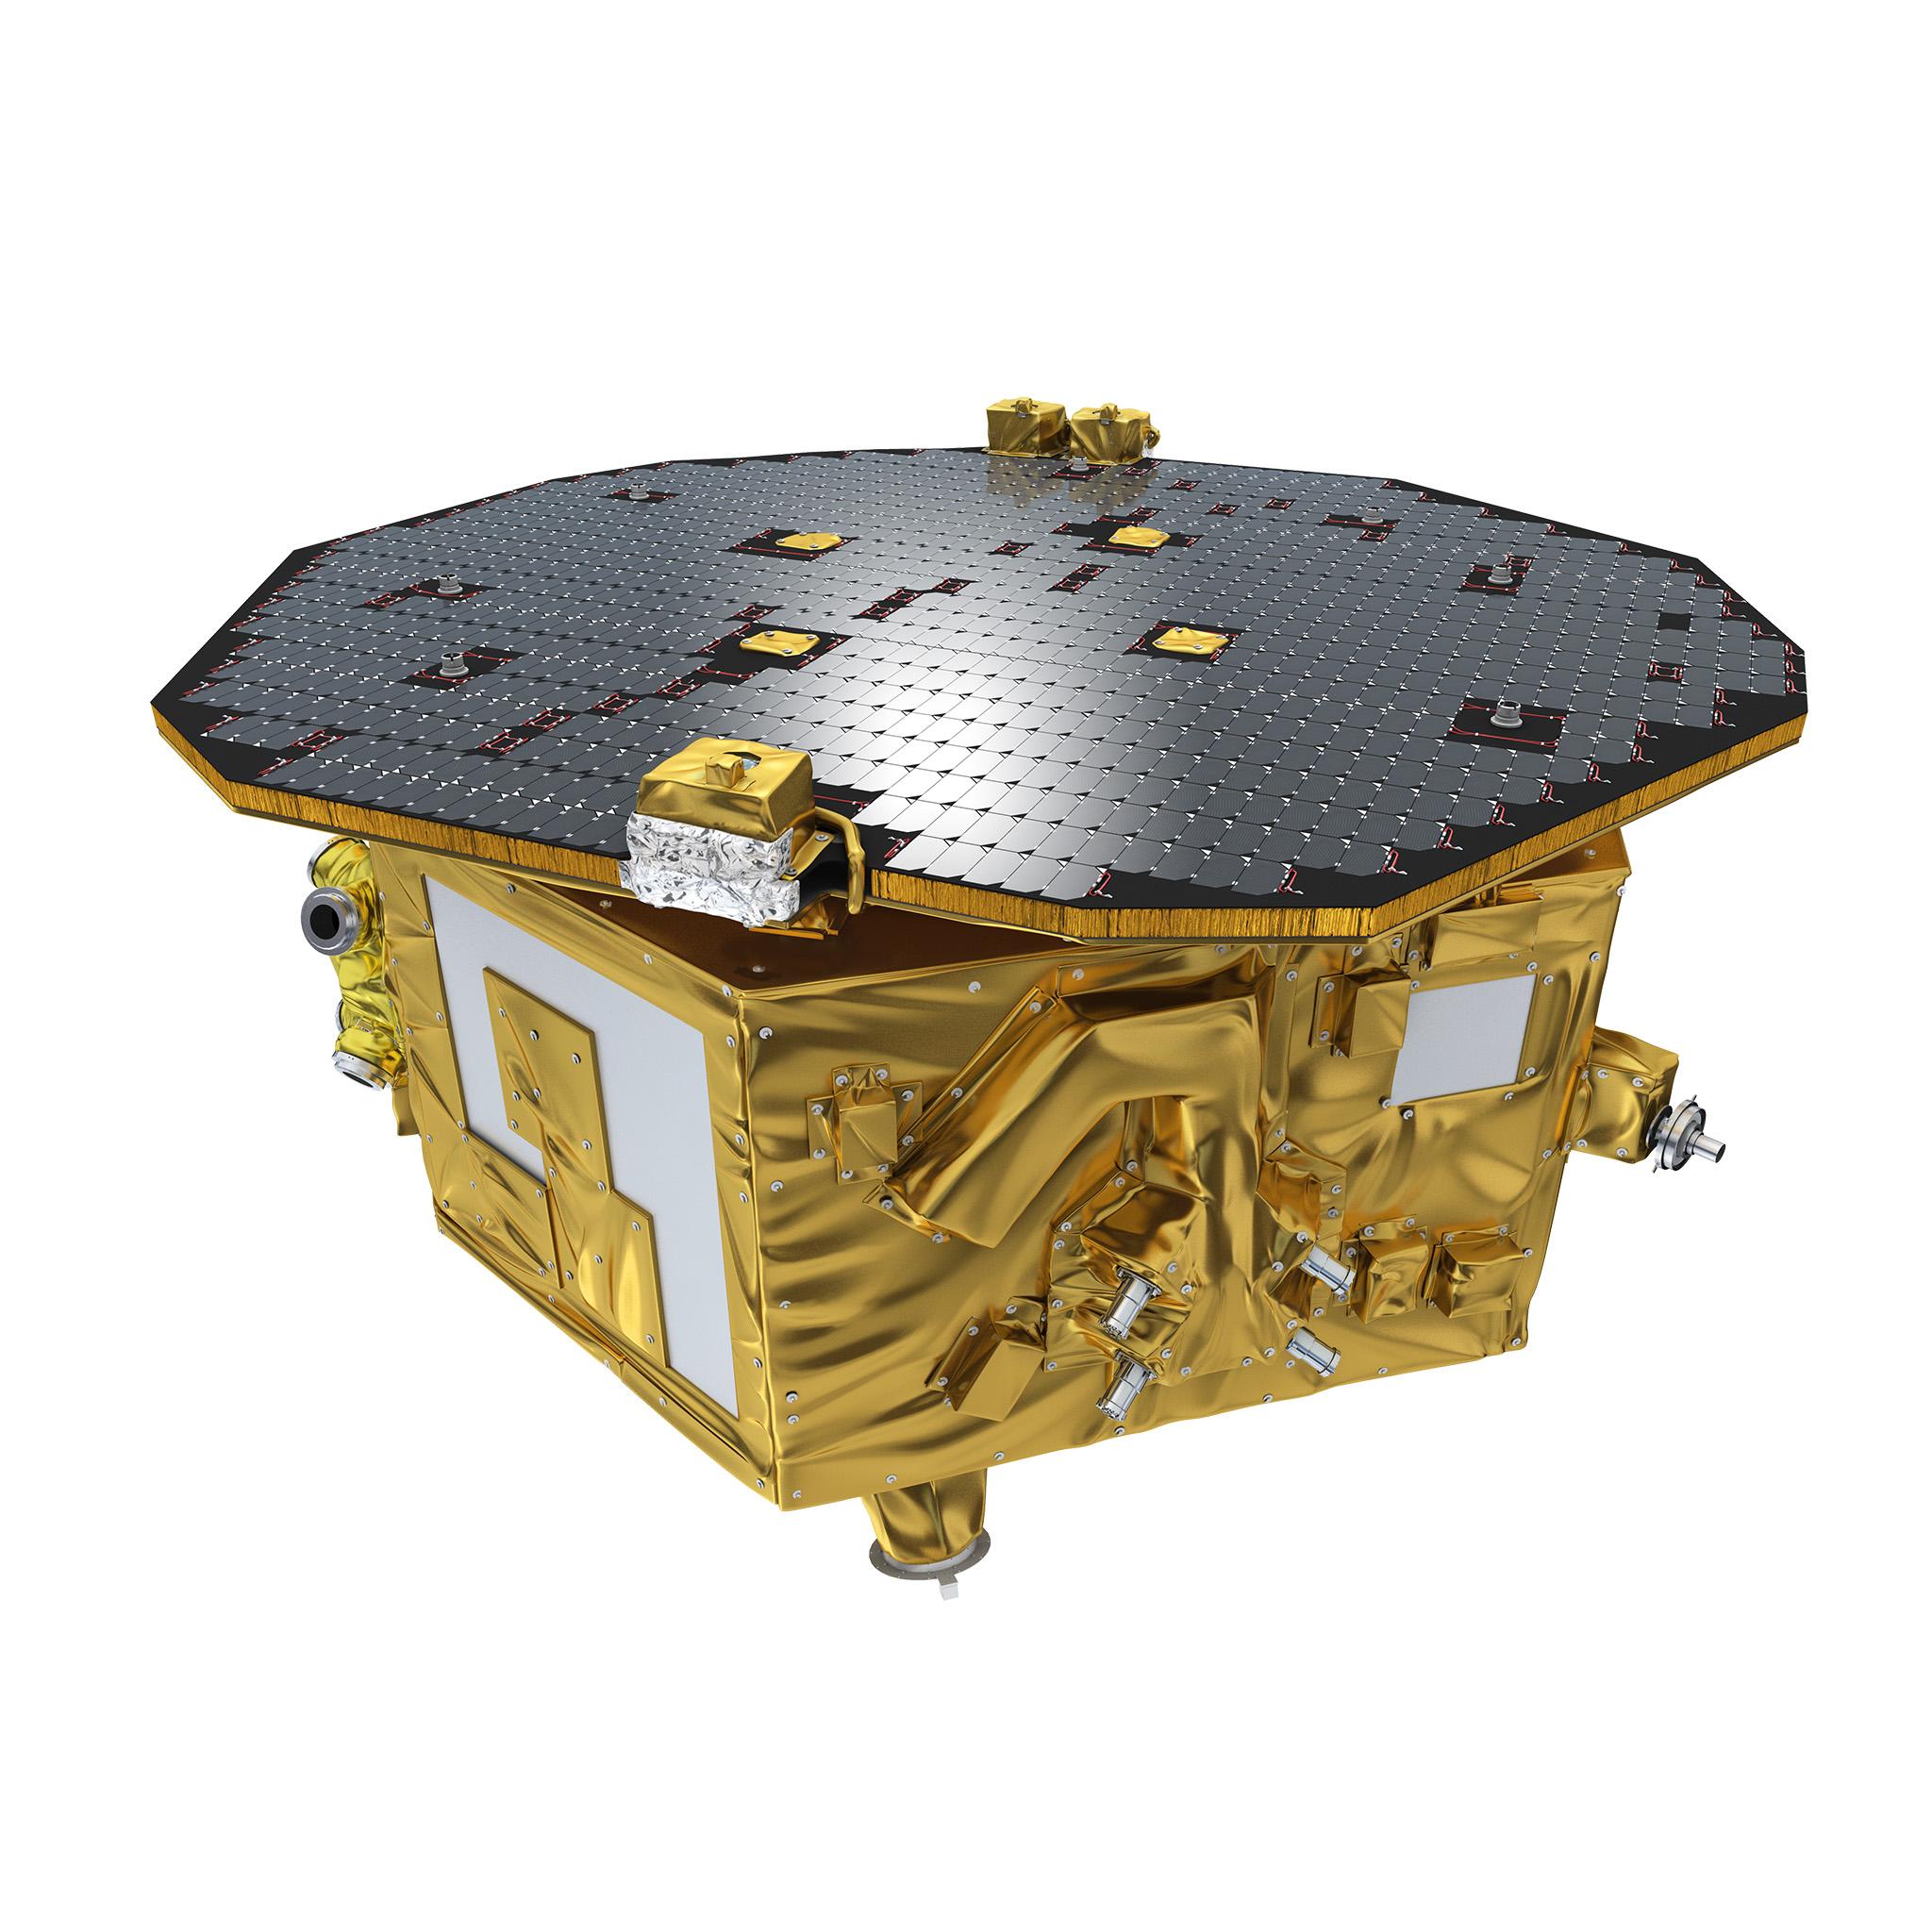 1567215930063-ESA_LISA_Pathfinder_Outside_view5_2k.jpg